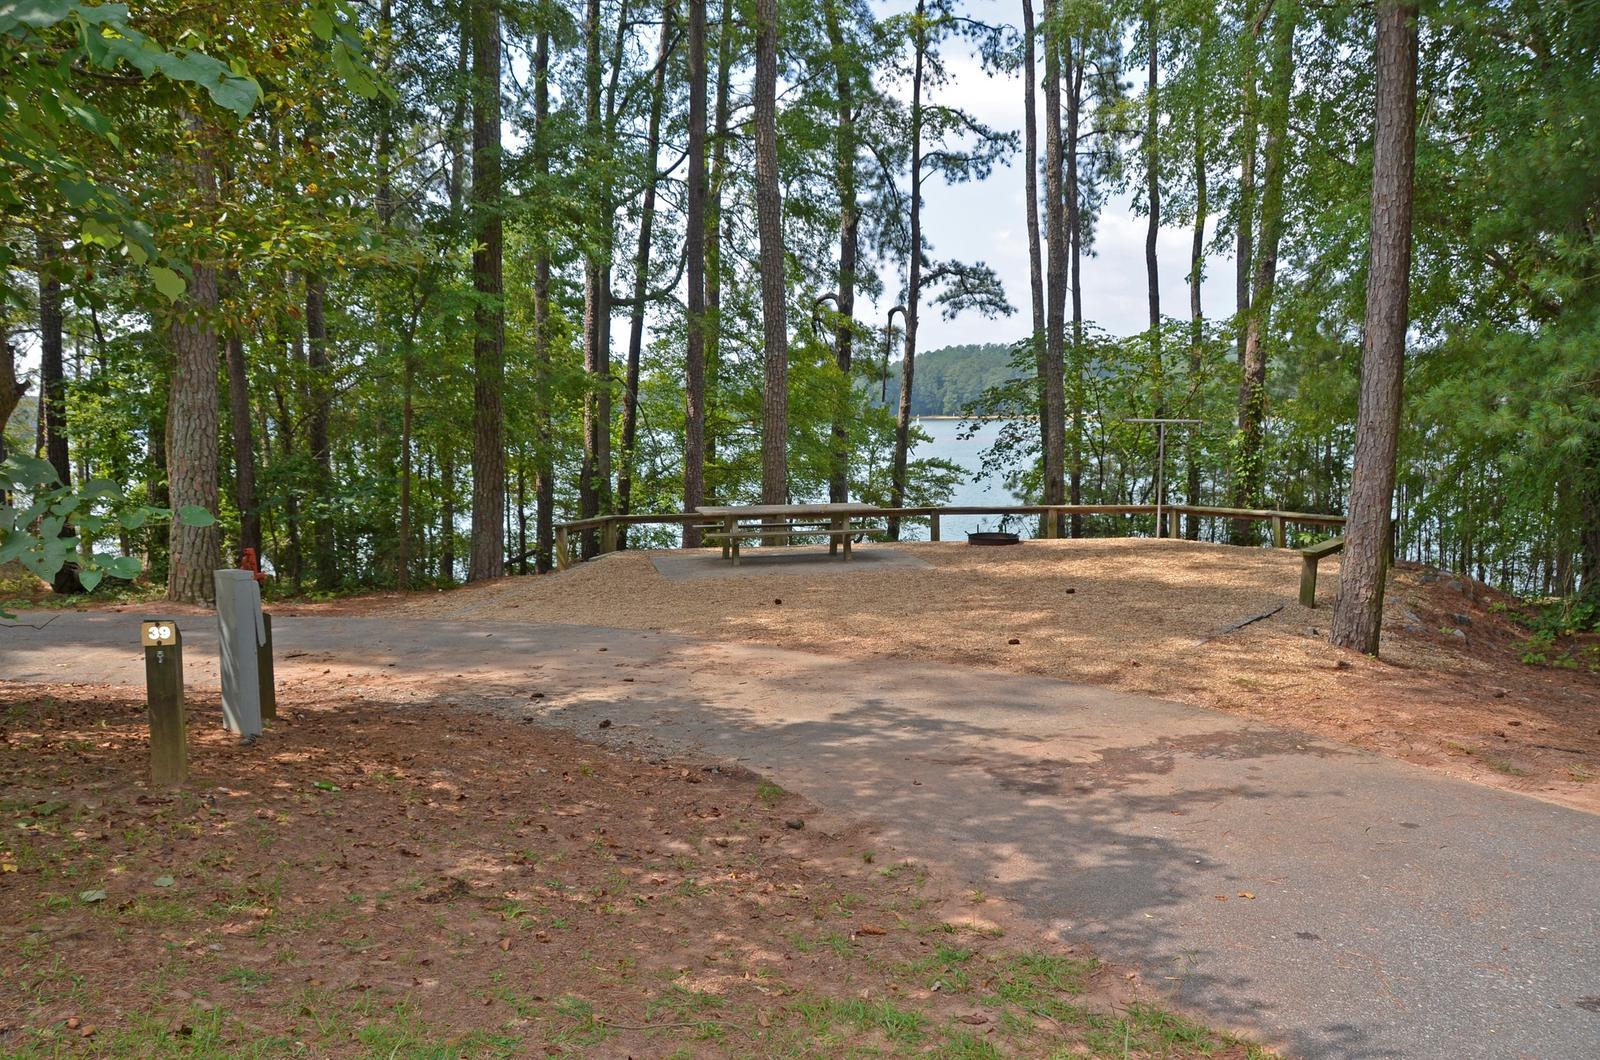 McKinney Campground Site 39